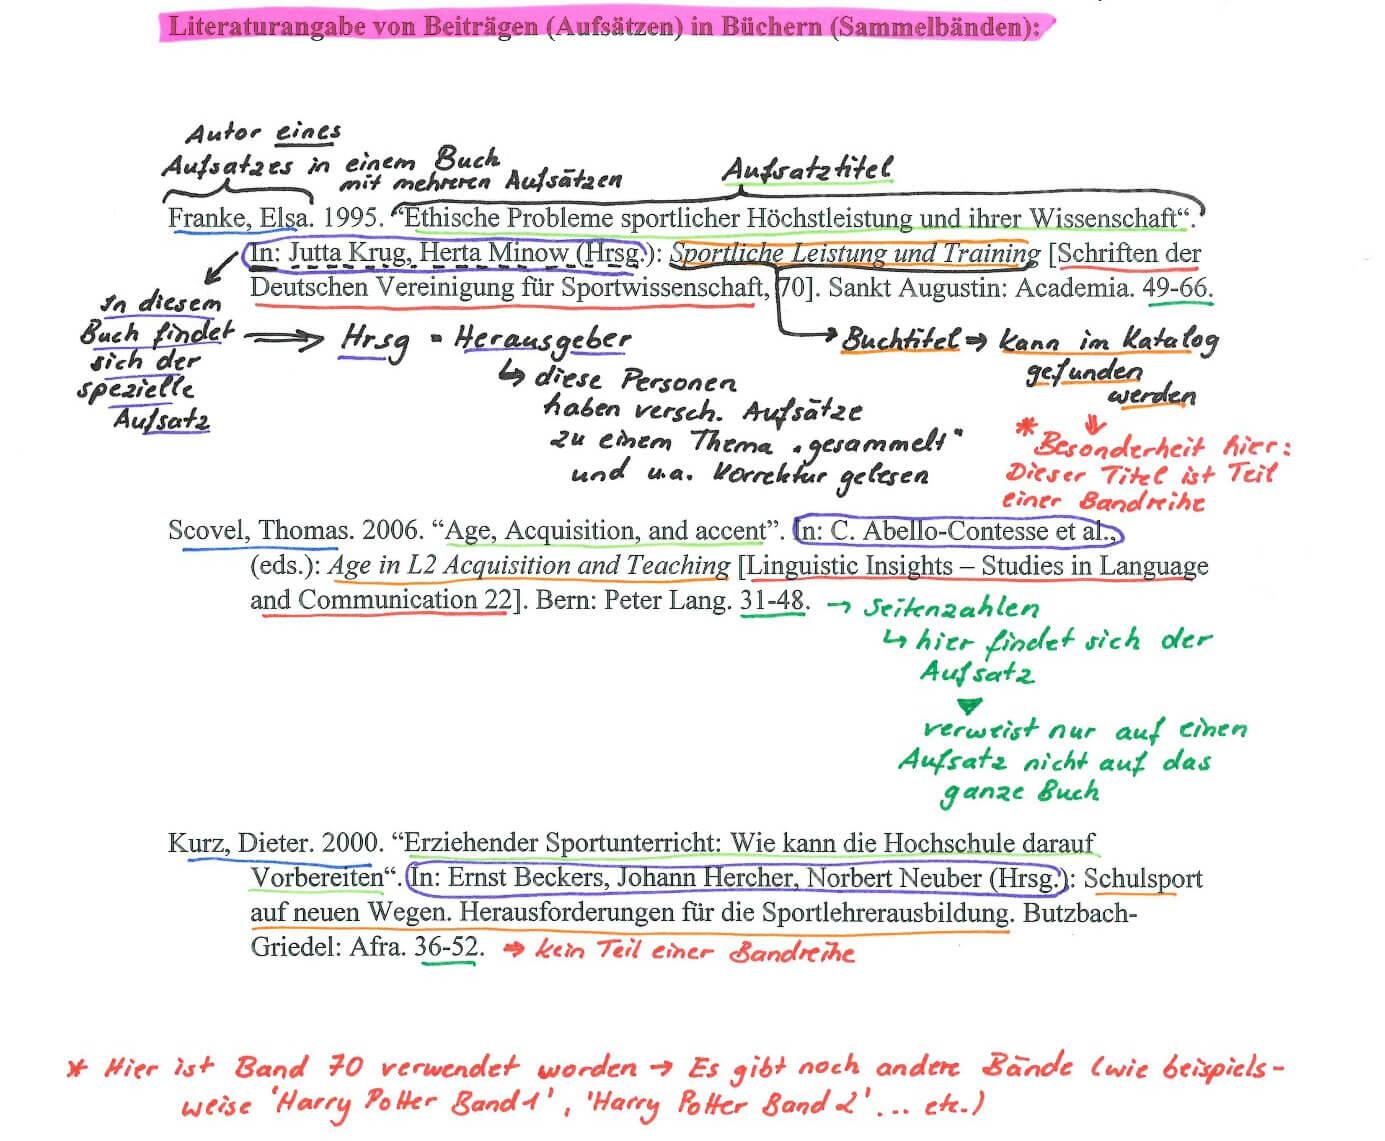 apa veröffentlichte dissertation zitieren